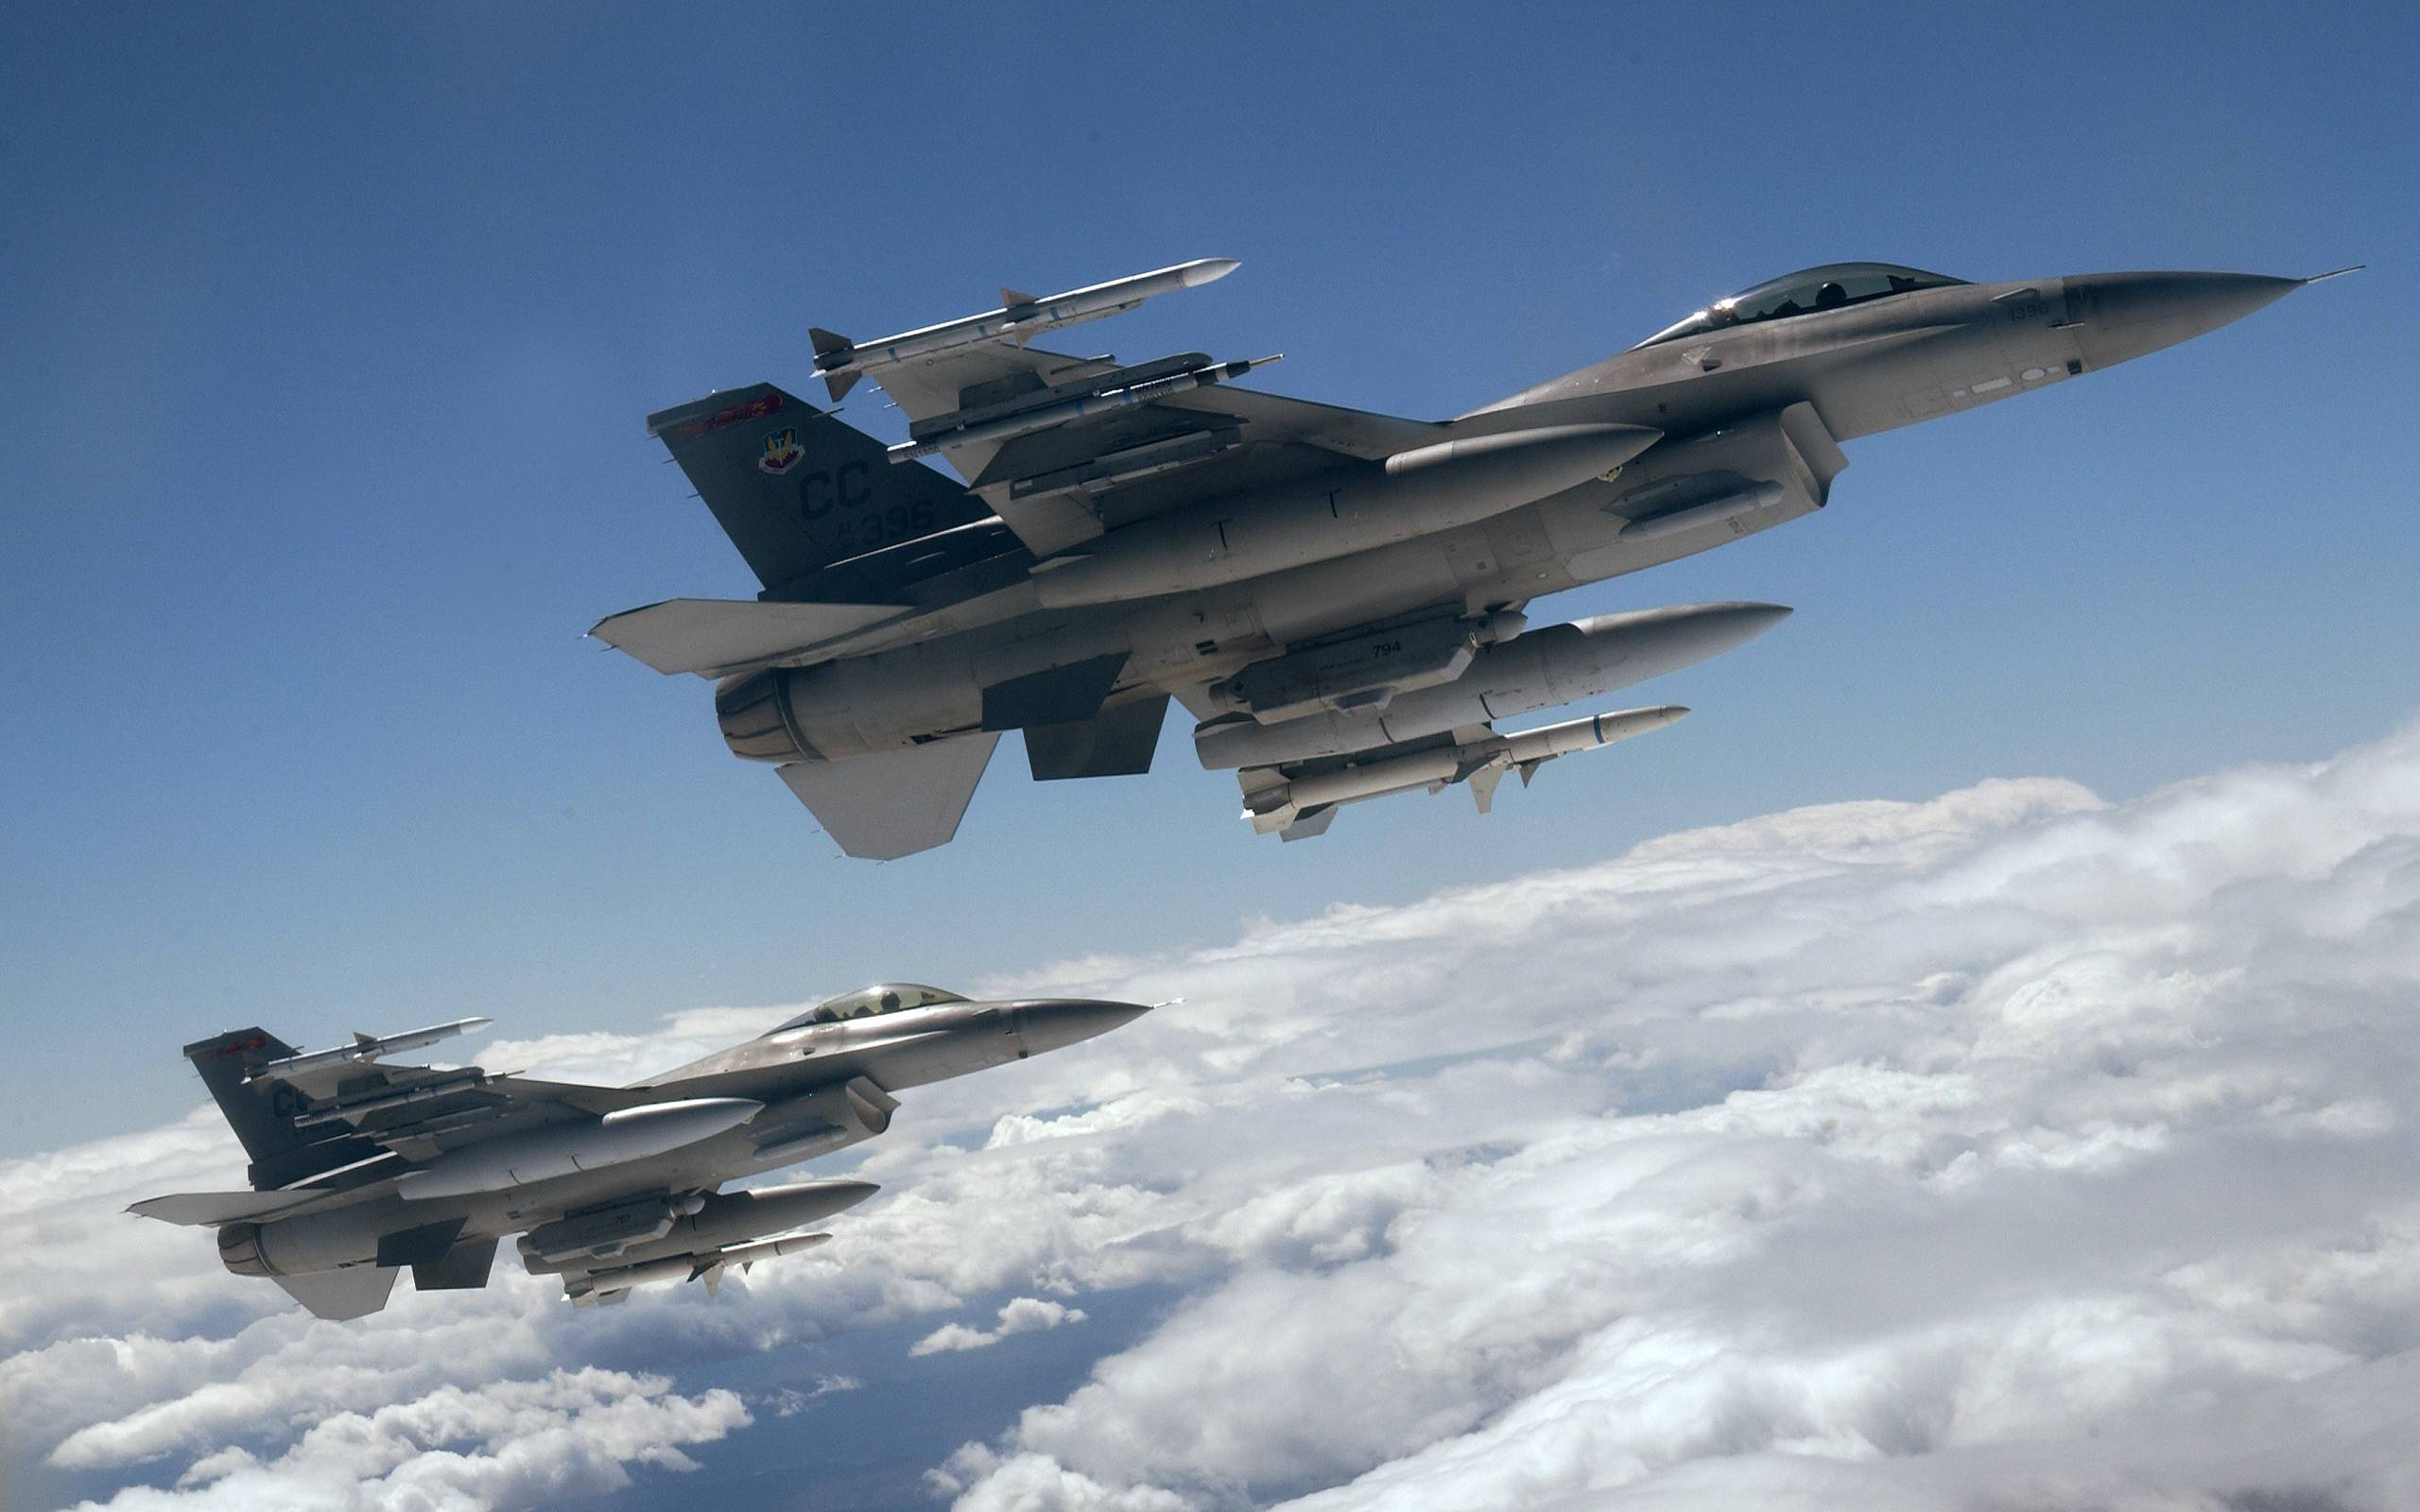 обои истребители, воздух, ракеты, облака картинки фото